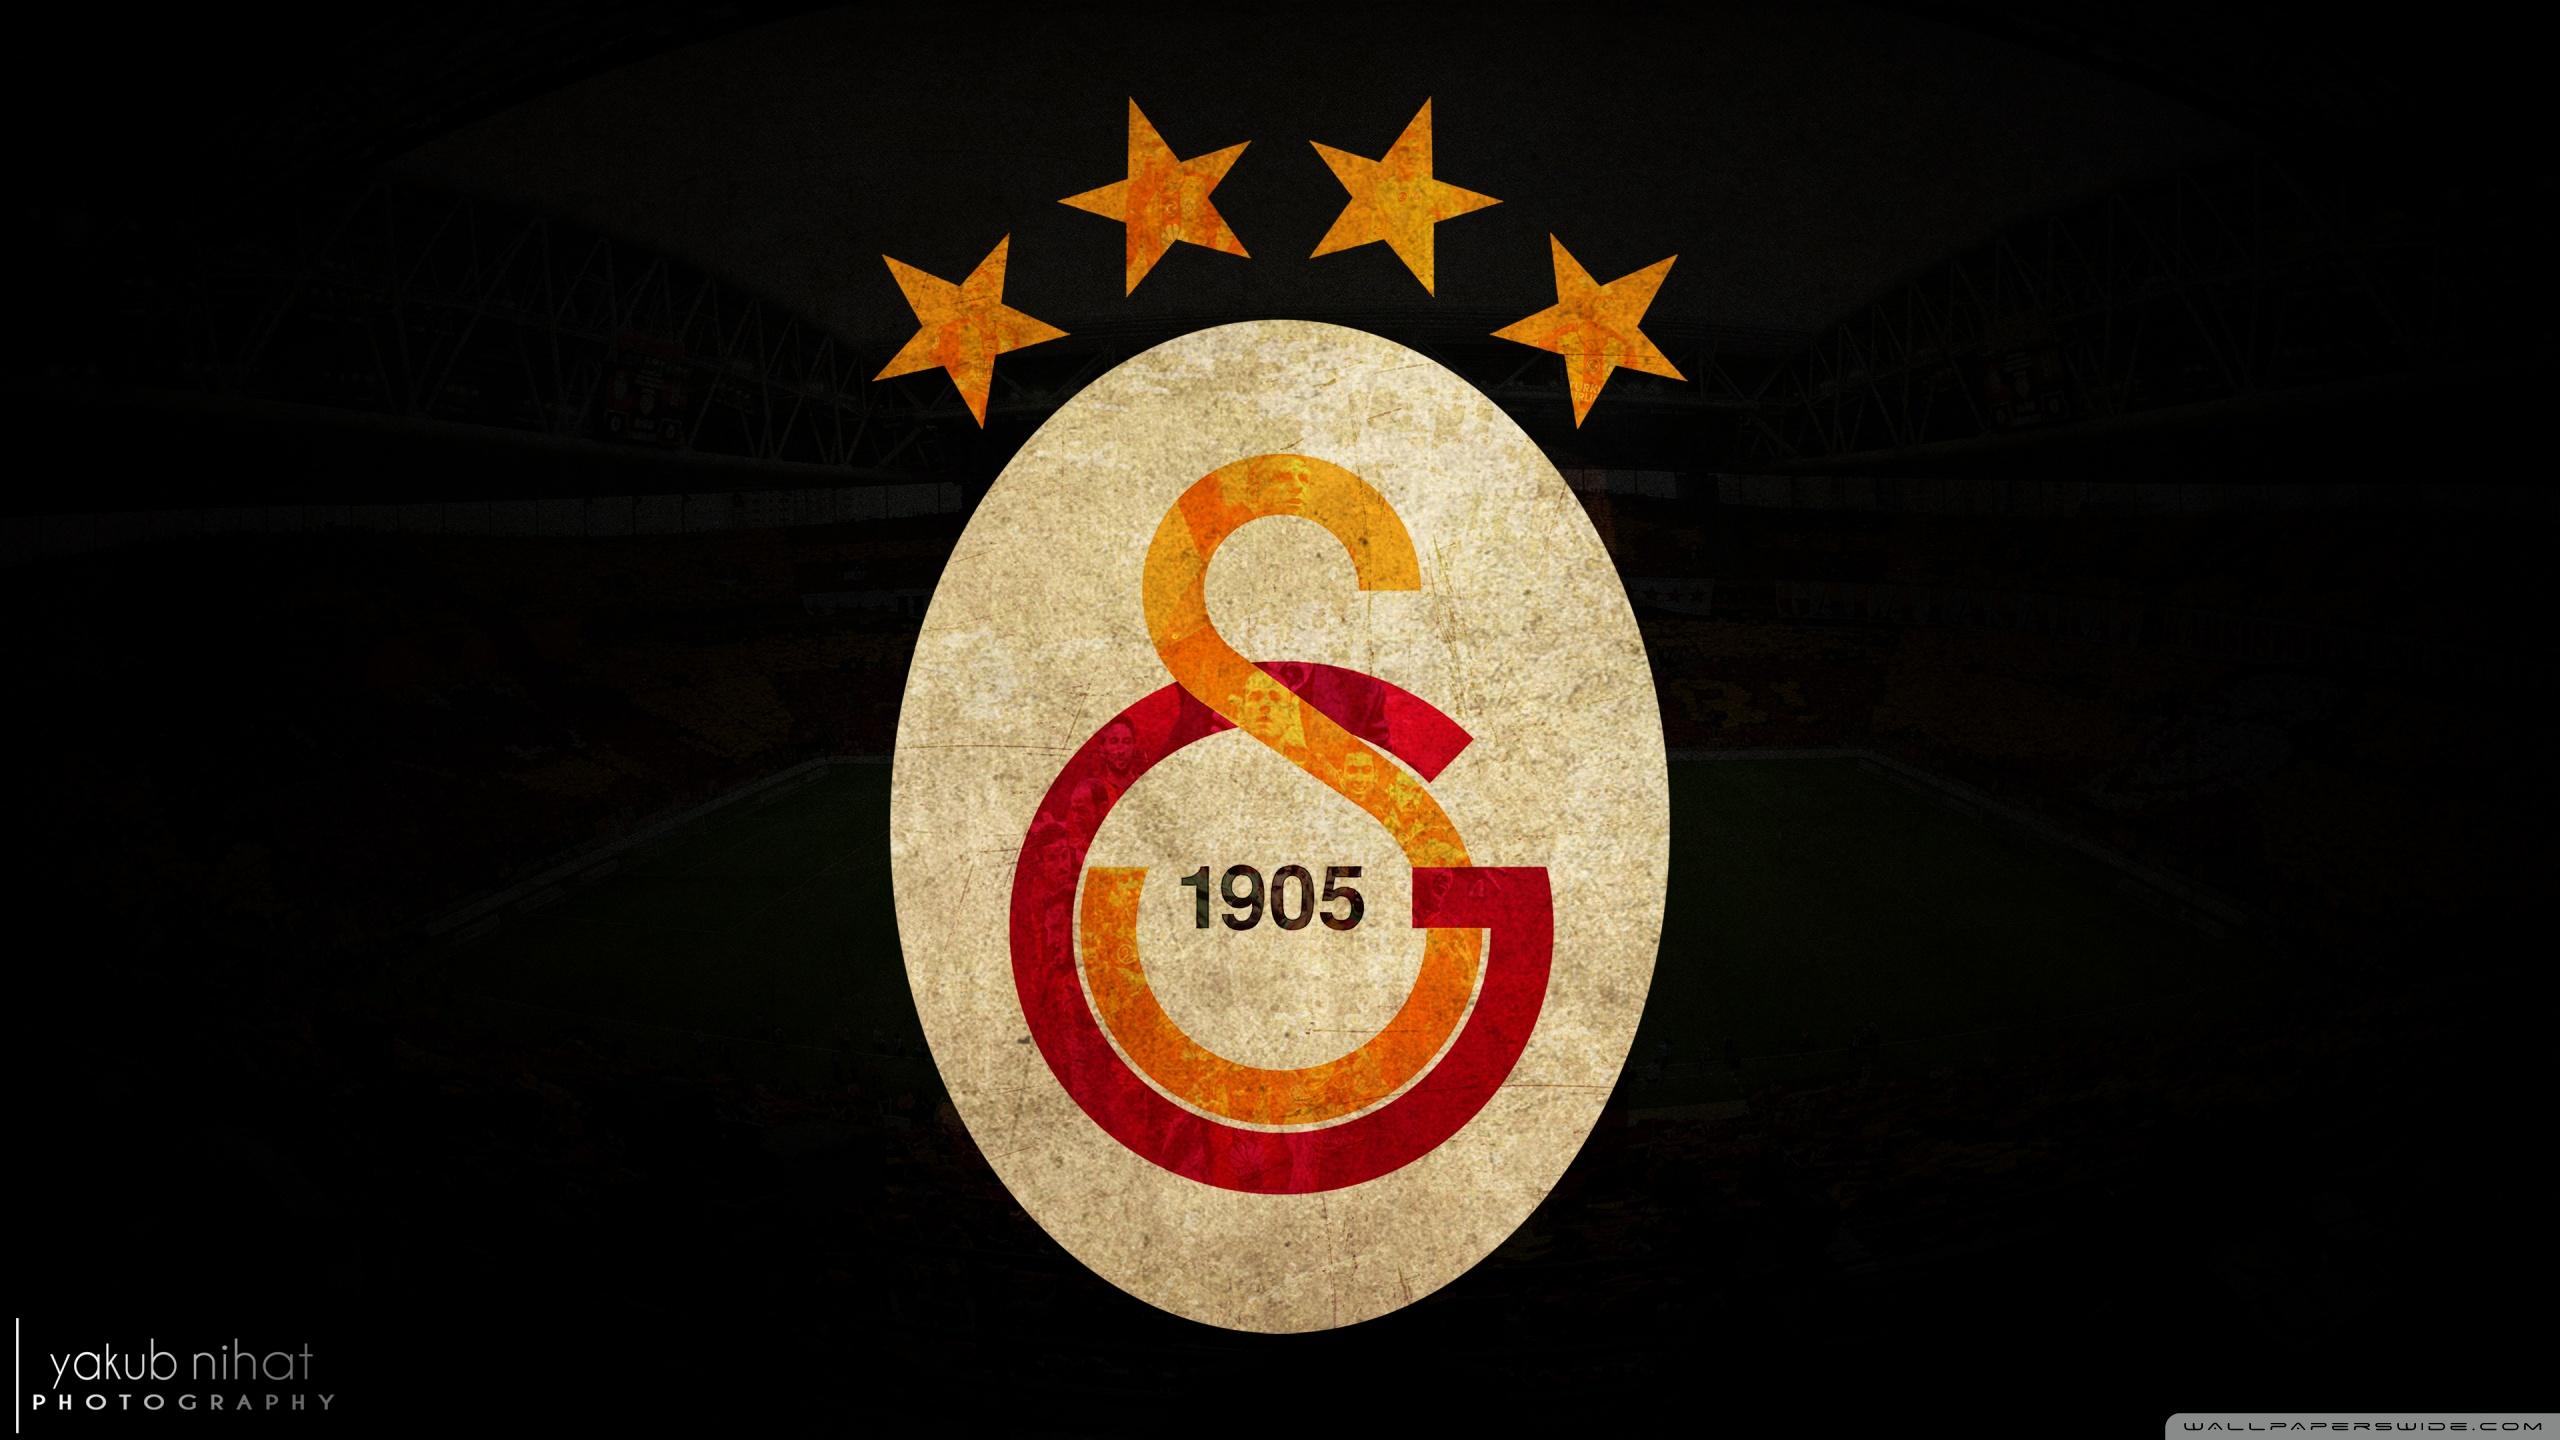 Galatasaray 2015 4K by Yakub Nihat 4K HD Desktop Wallpaper for 2560x1440